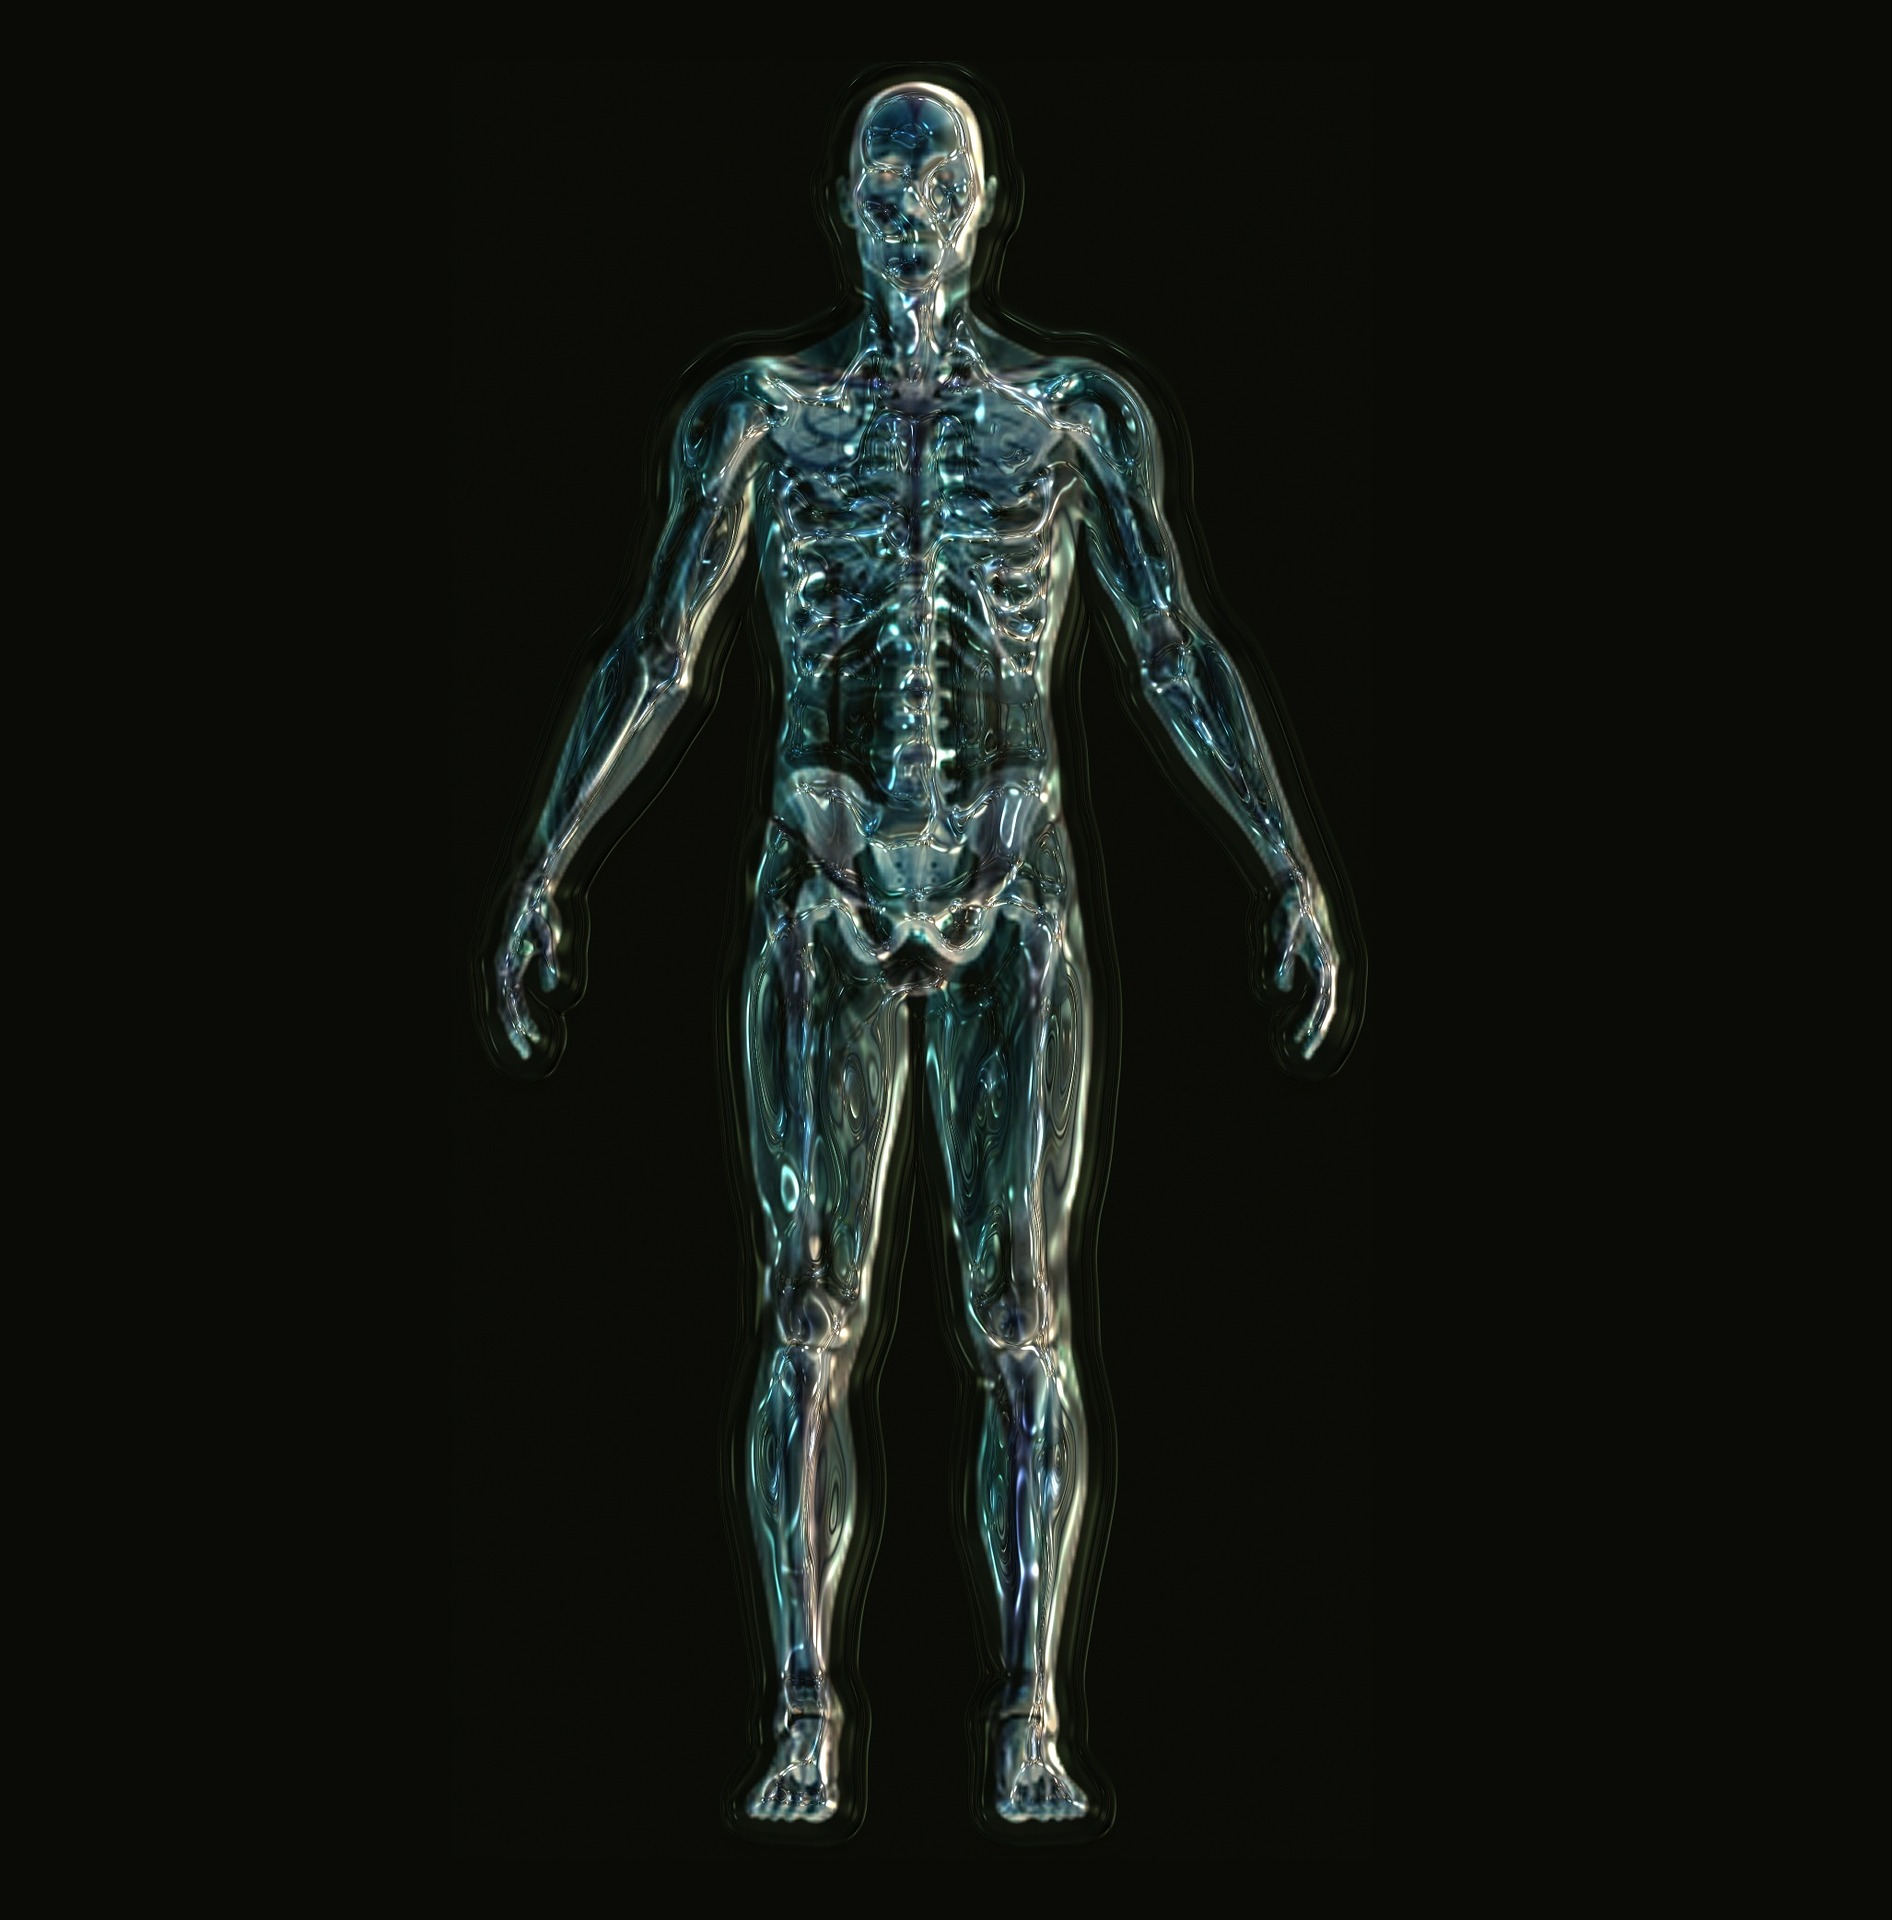 透明な人体画像